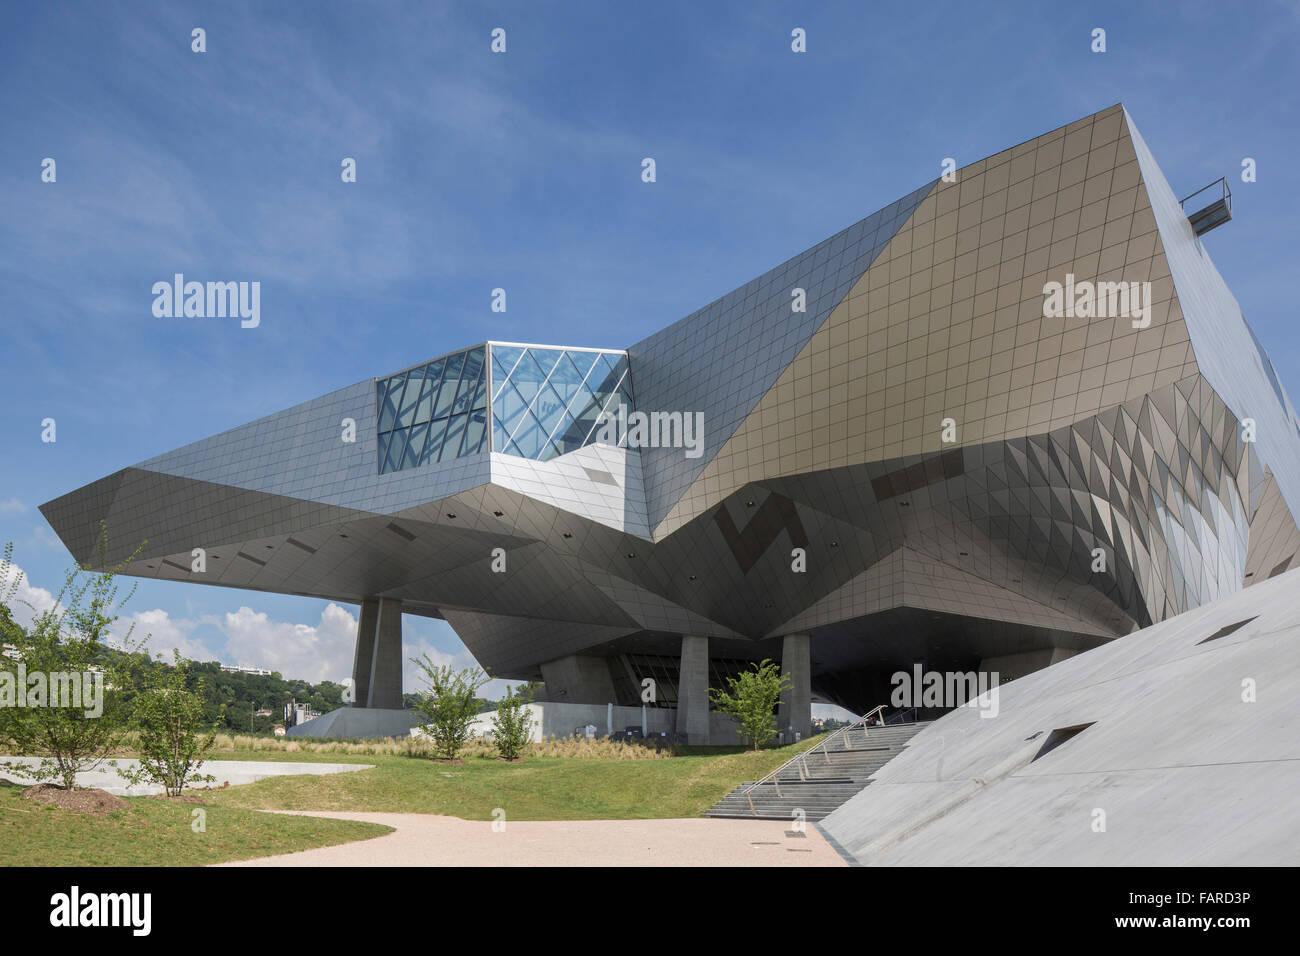 View from landscaped public realm towards building structure. Musée des Confluences, Lyon, France. Architect: - Stock Image